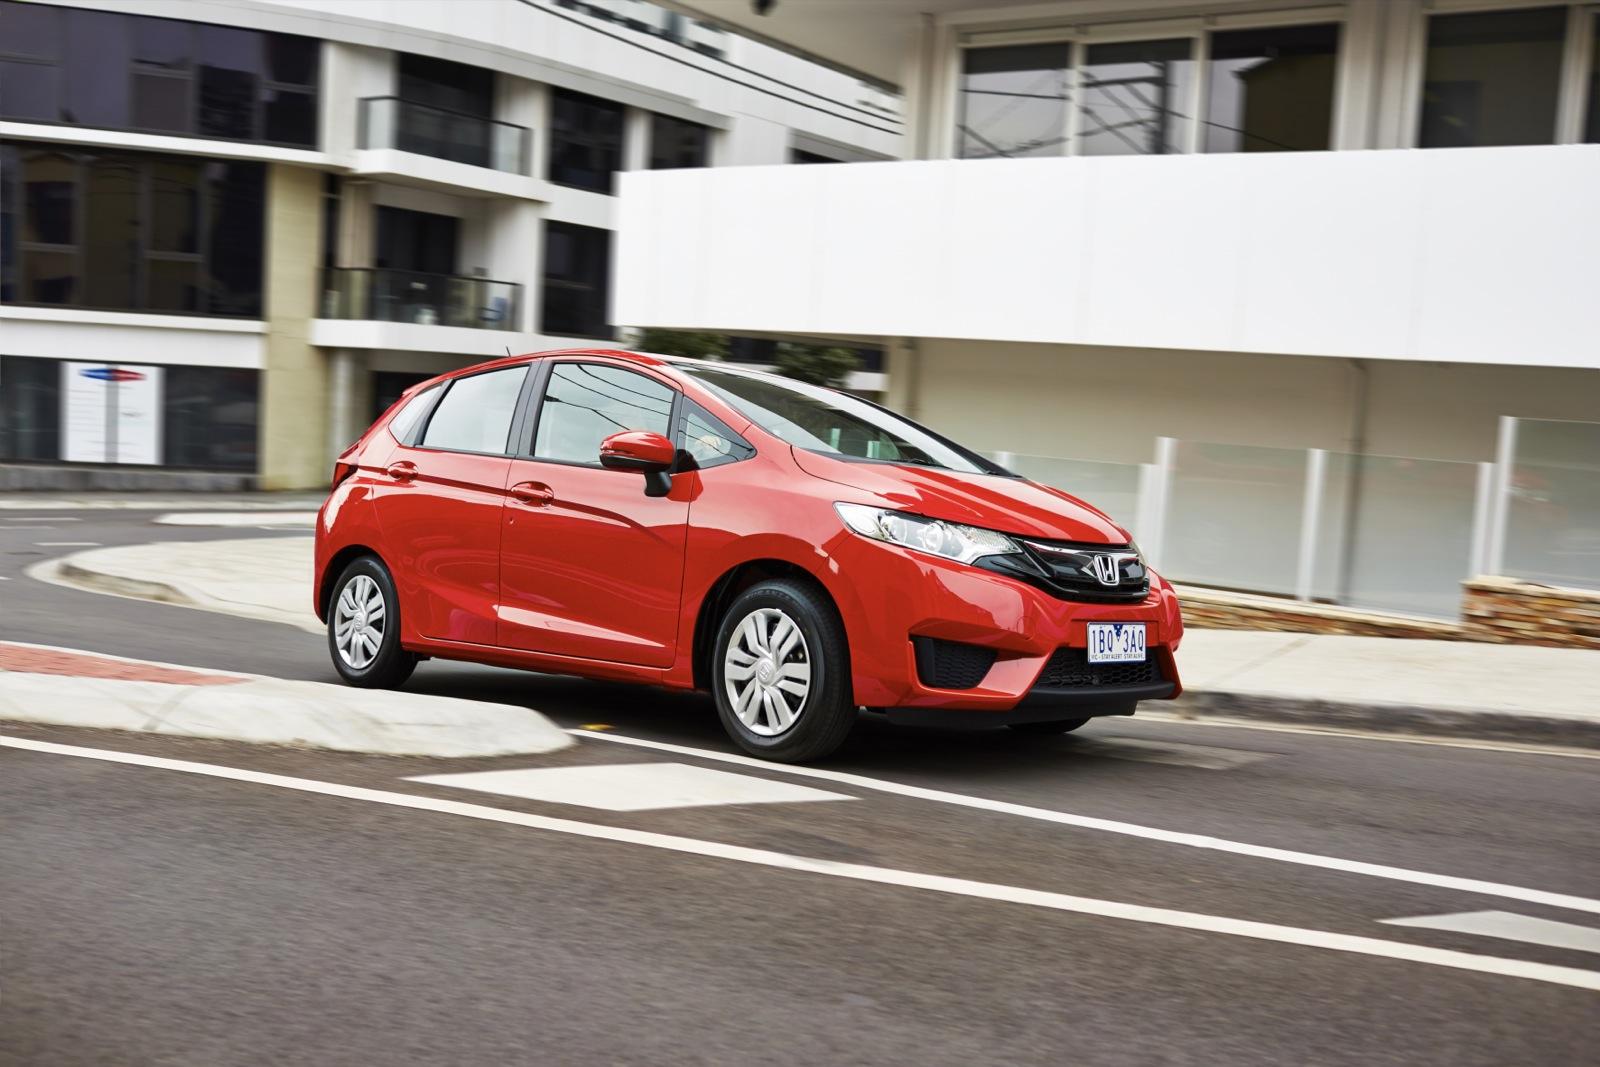 2015 Honda Jazz Review - photos | CarAdvice